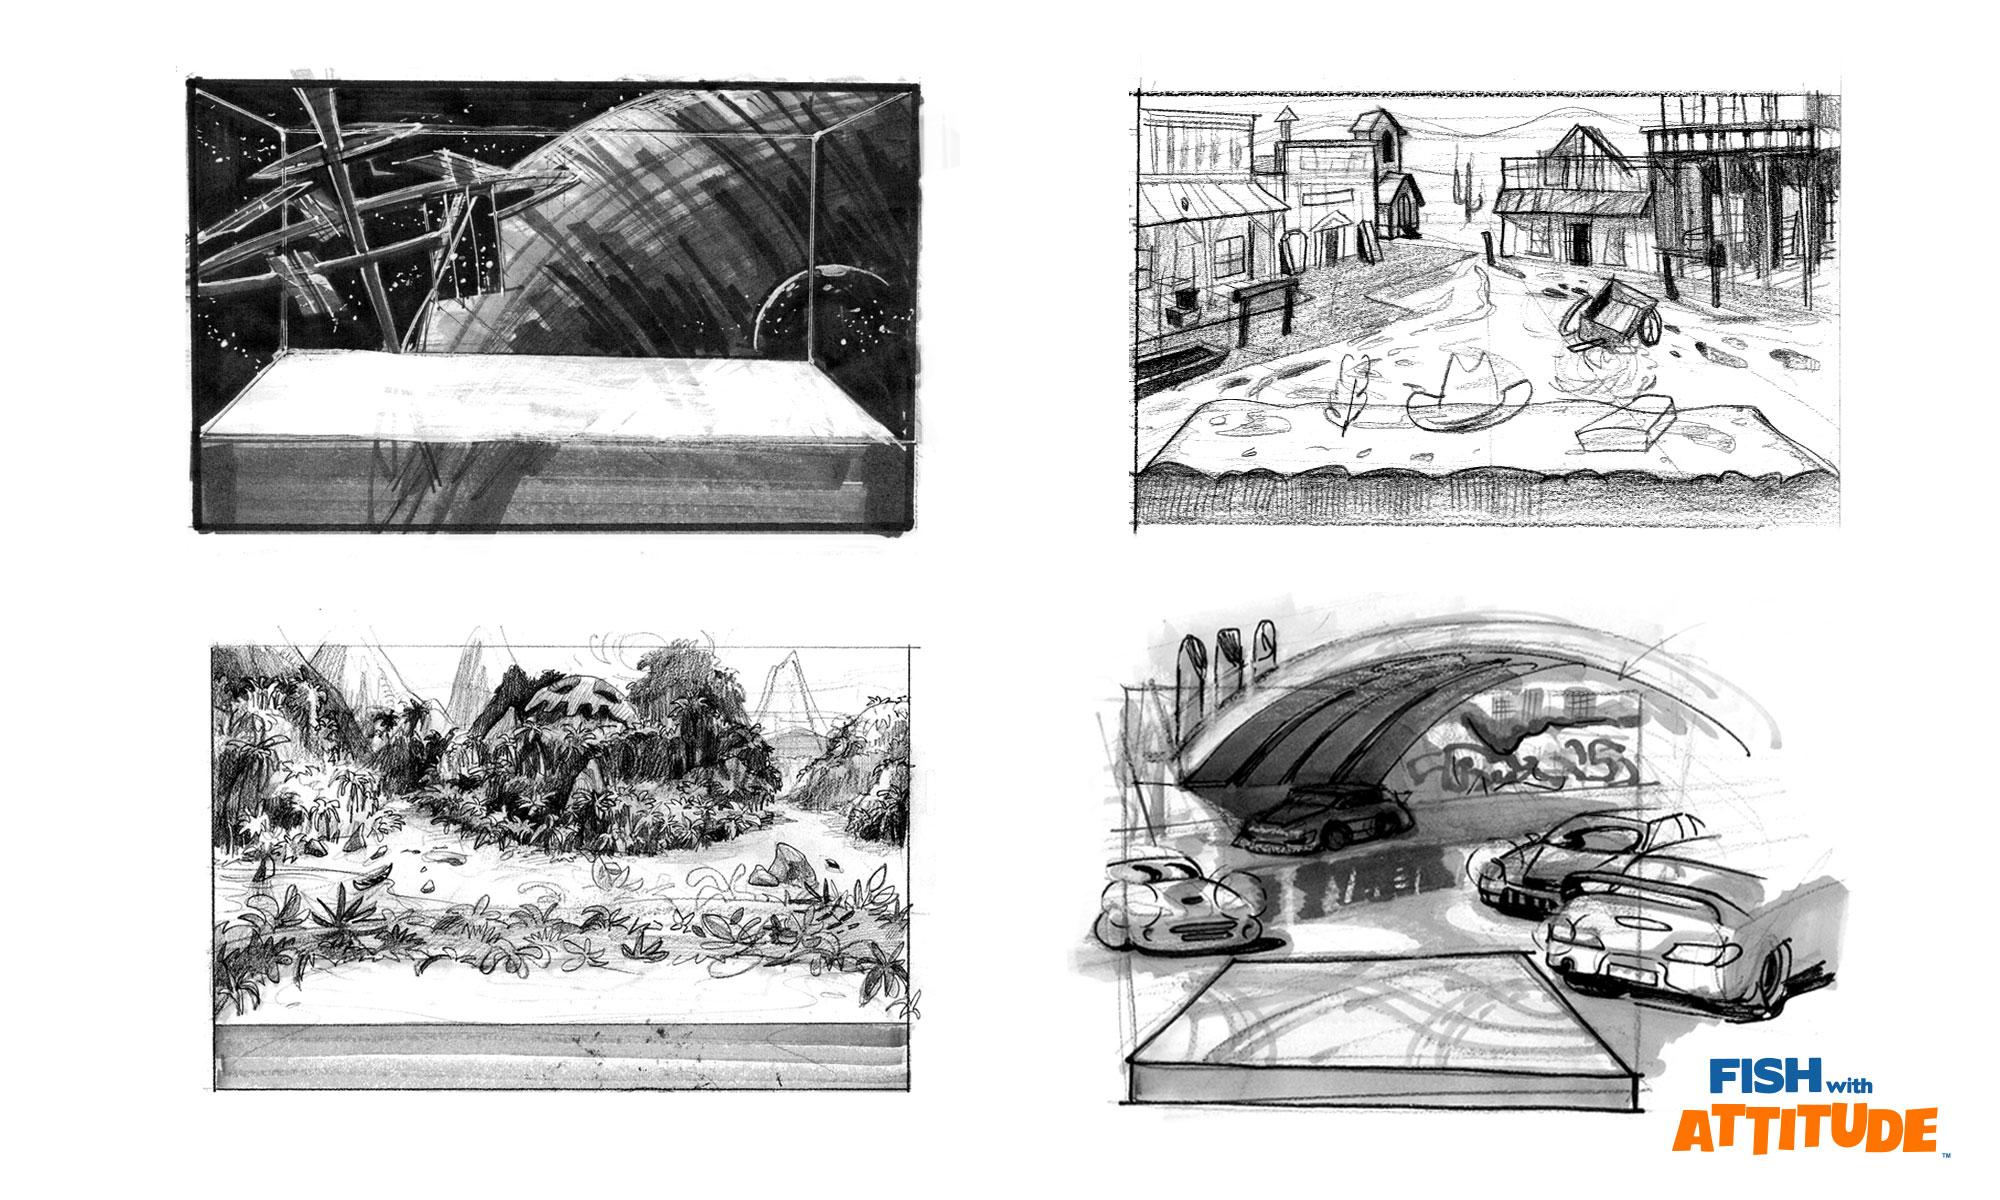 fwa-thumbnail-sketches.jpg